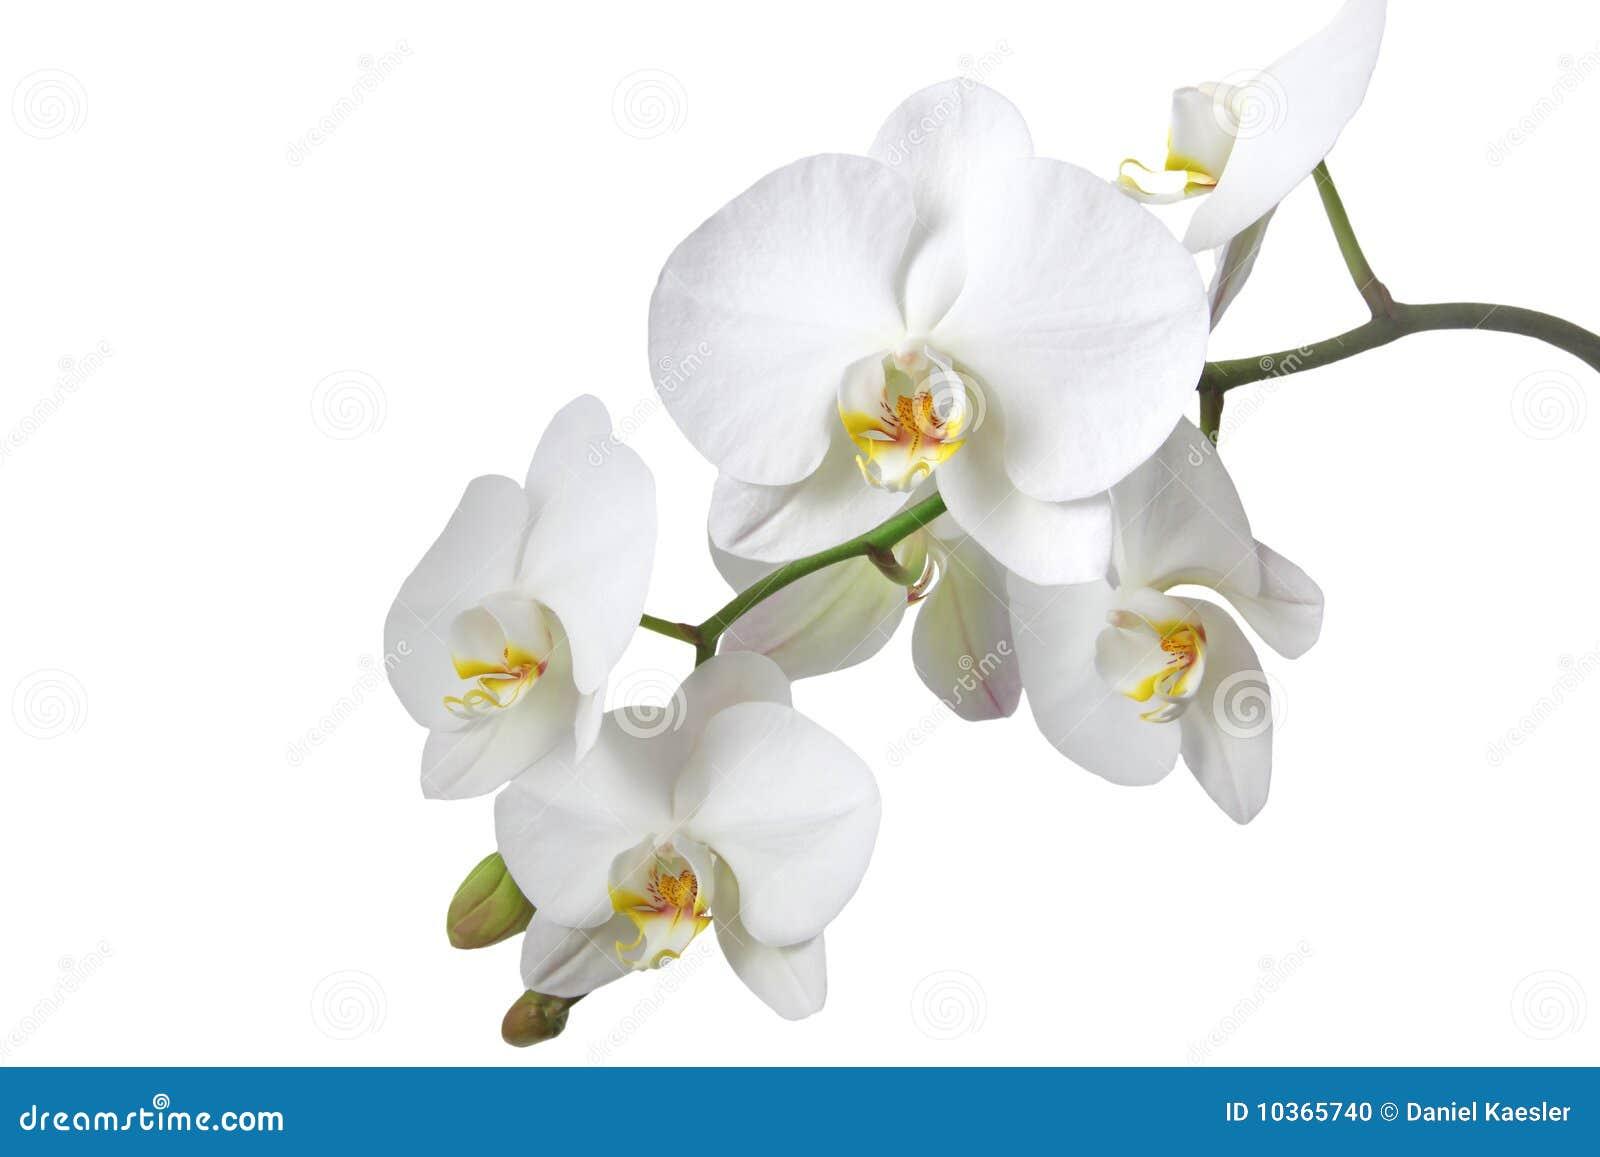 Frangipani spa flowers stock photo image 14654190 - Background